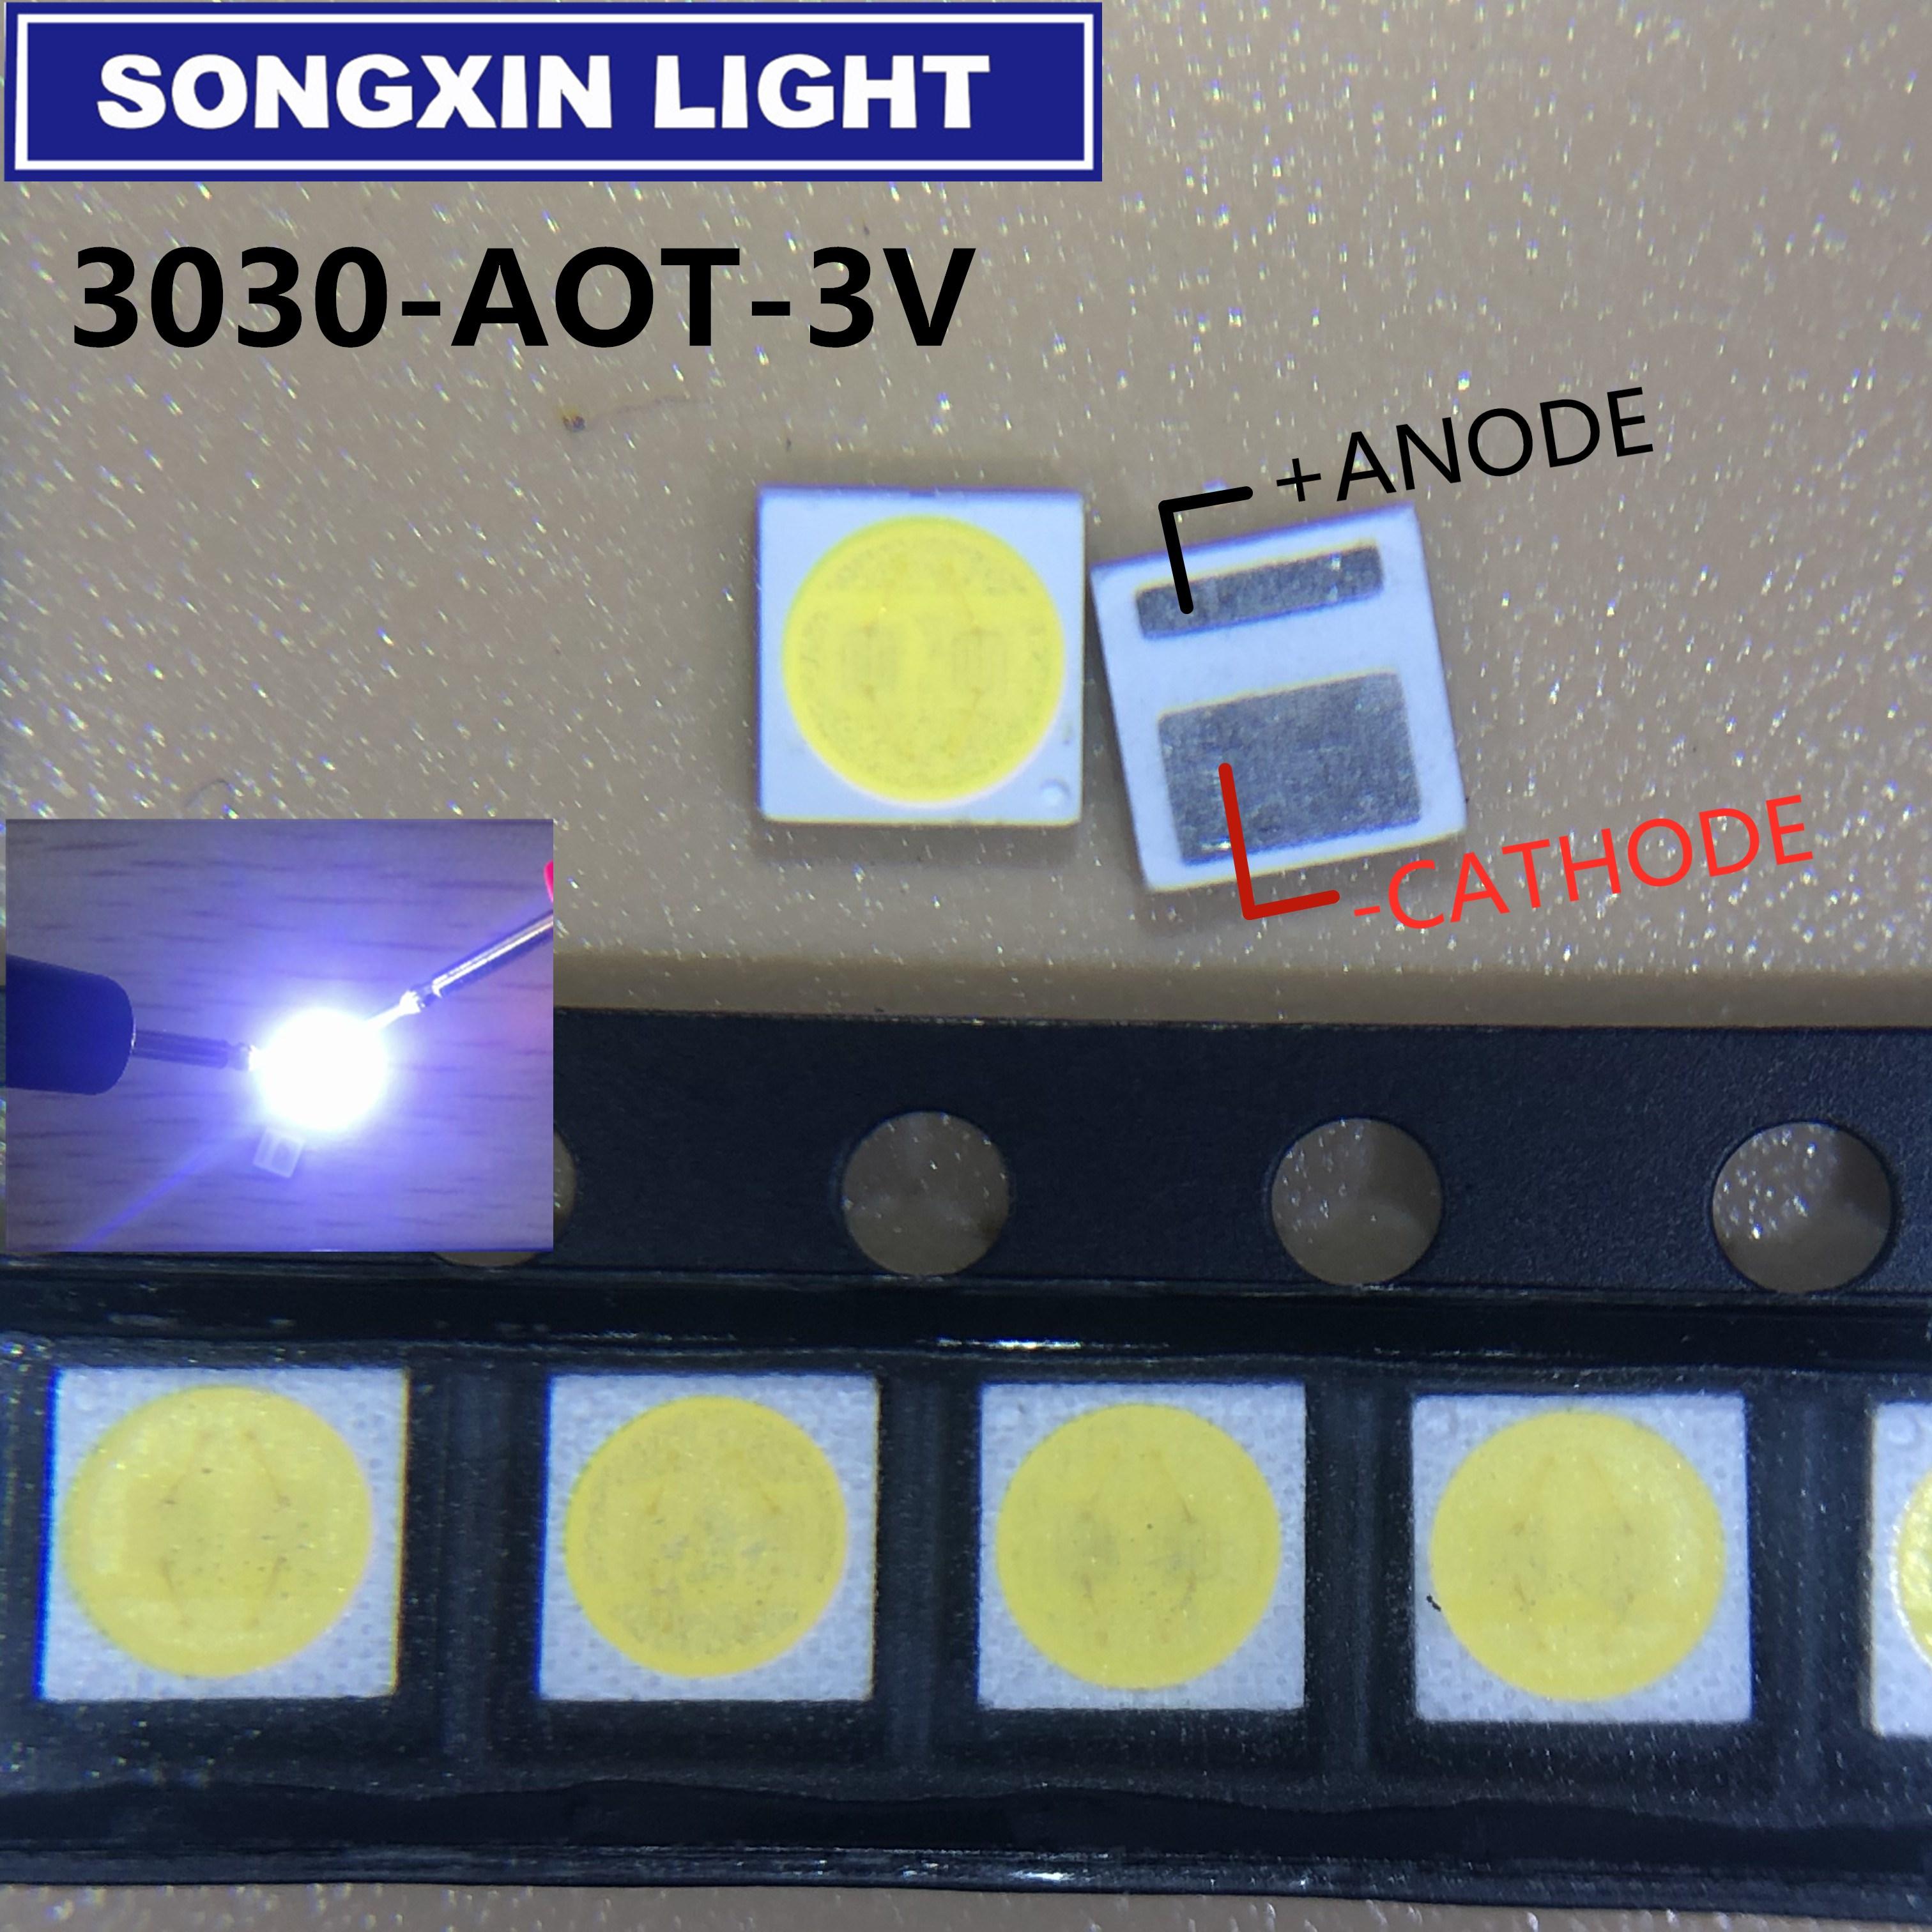 Мощный светодиодный ЖК-экран AOT, 200 шт., 1,5 Вт, 3 в, 3030 лм, холодный белый цвет, подсветка для ТВ, EMC 3030C-W3C3 aot